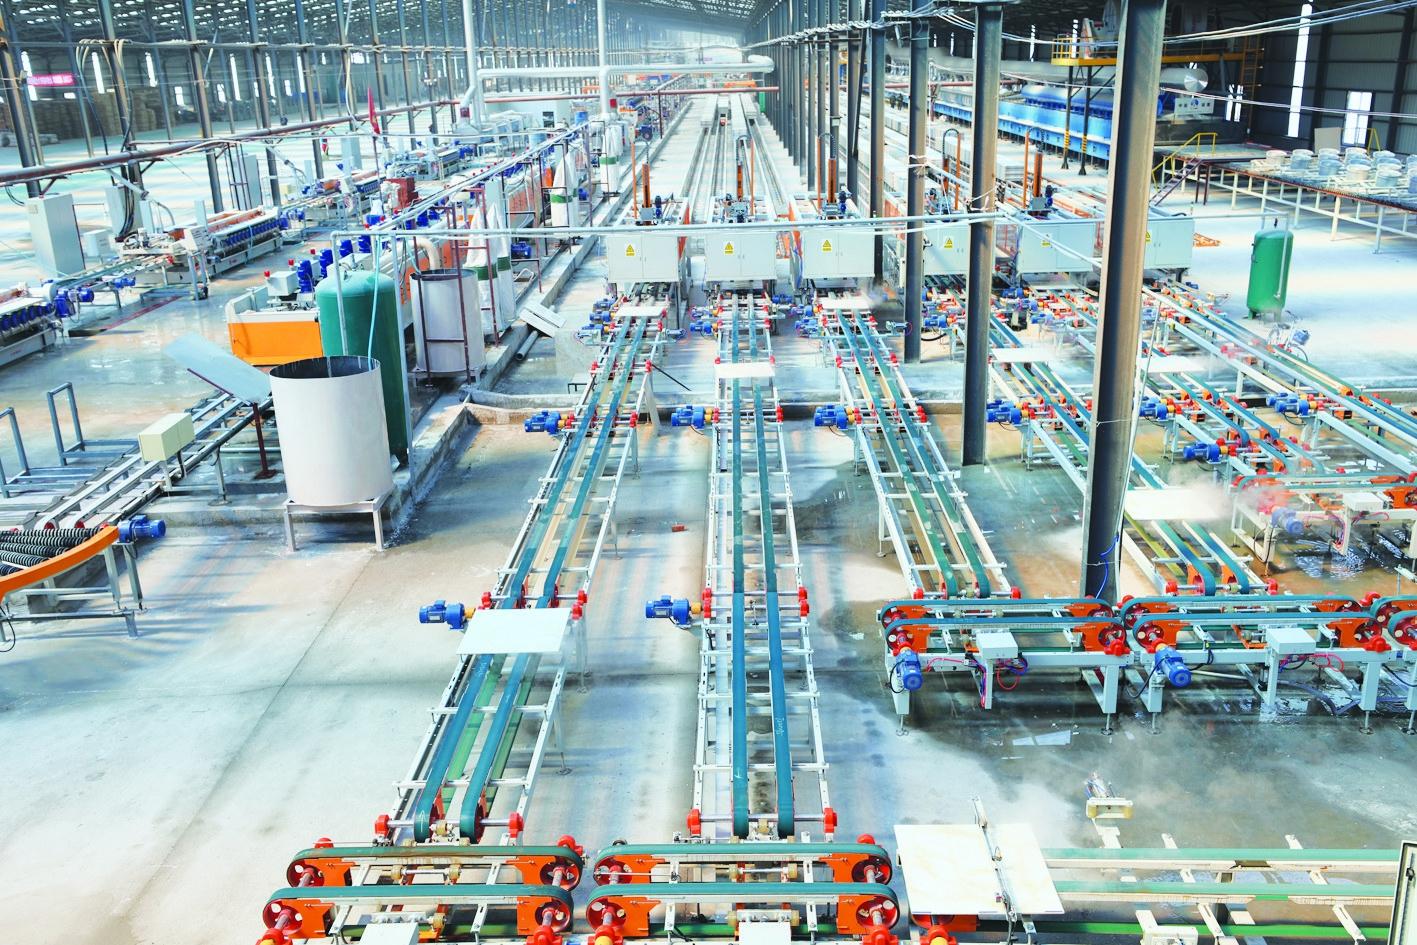 图①齐齐哈尔经纬瓷业有限公司高档陶瓷地砖全自动化生产车间。